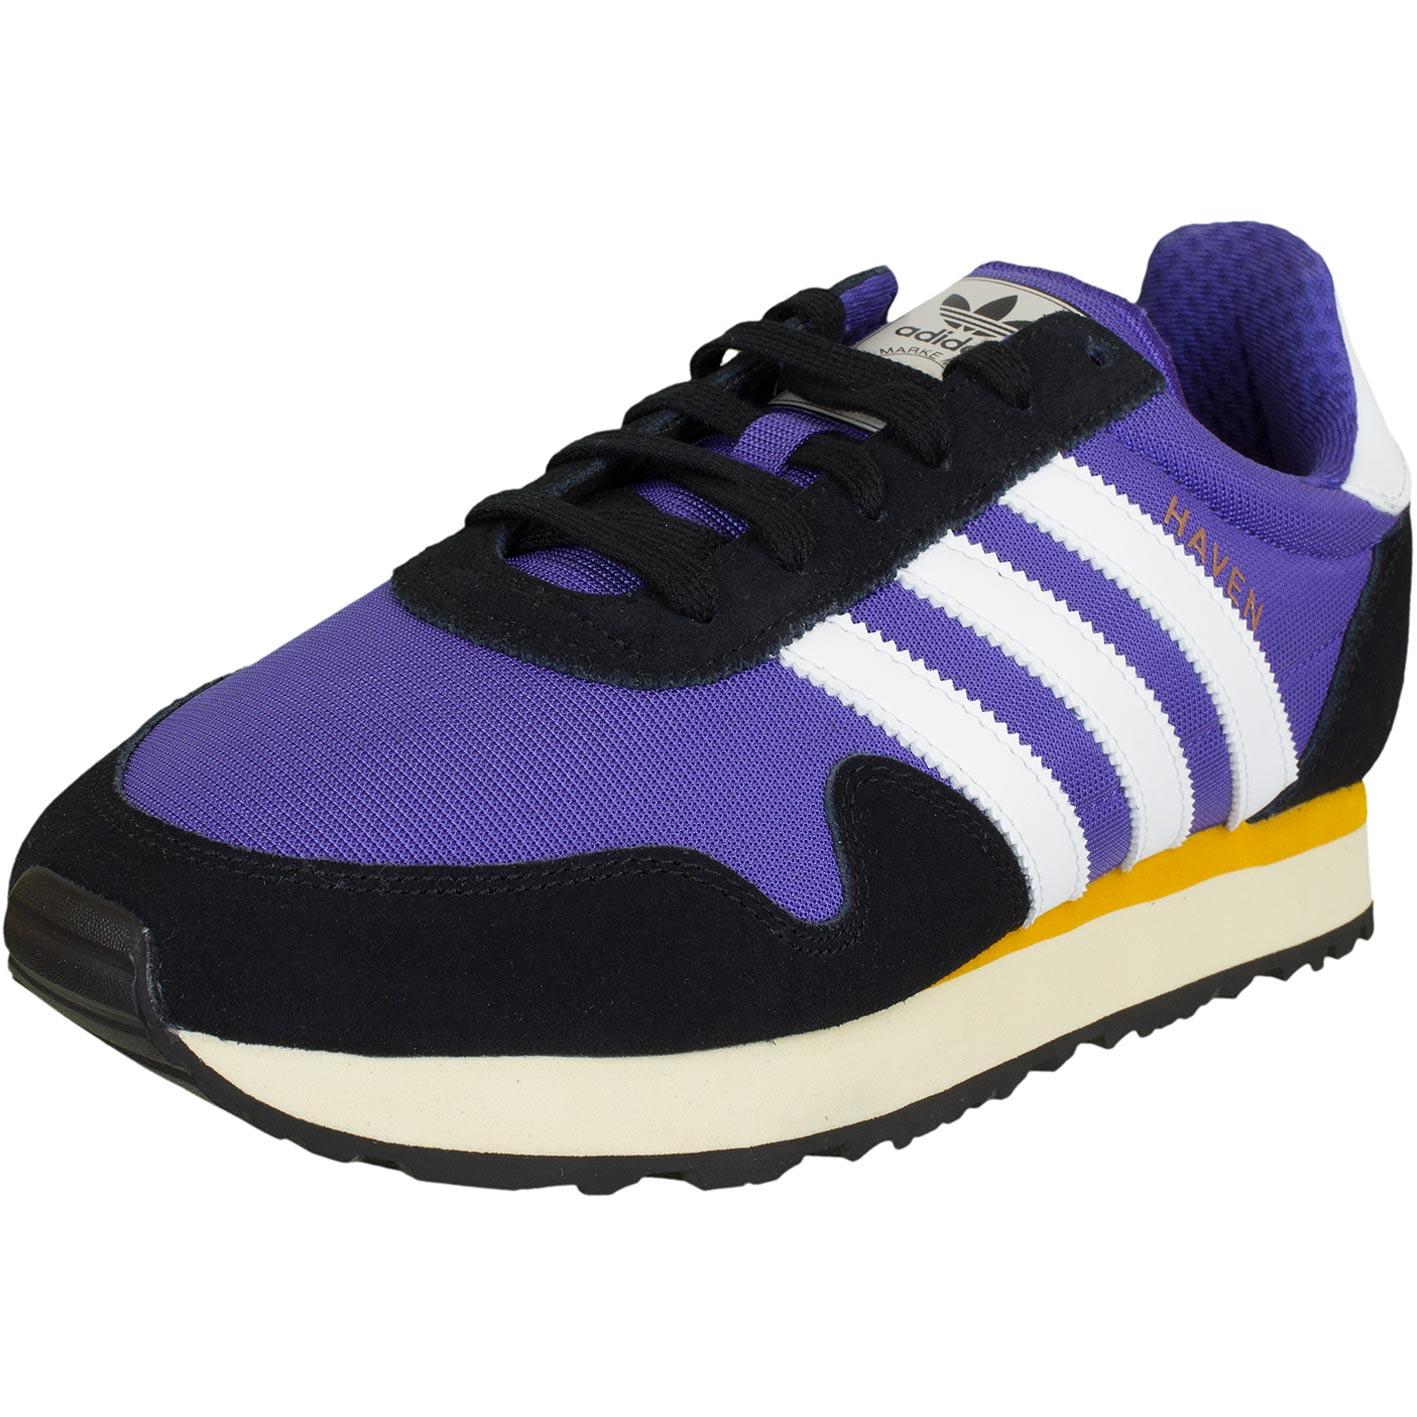 Adidas Originals Turnschuhe Haven lila weiß schwarz hier